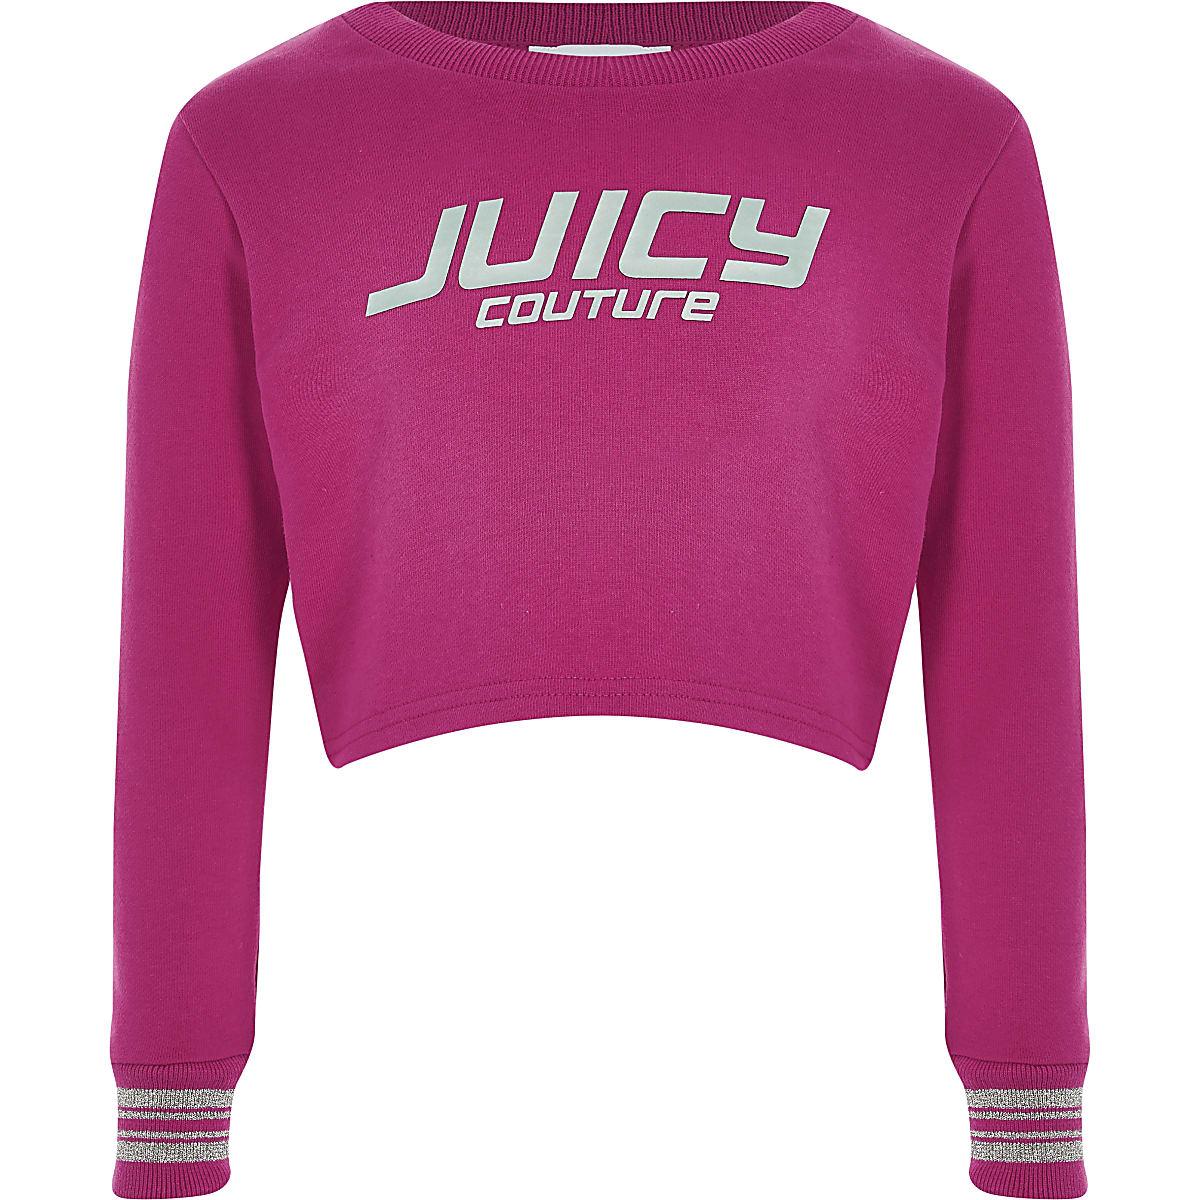 Juicy Couture - Roze crop sweatshirt voor meisjes